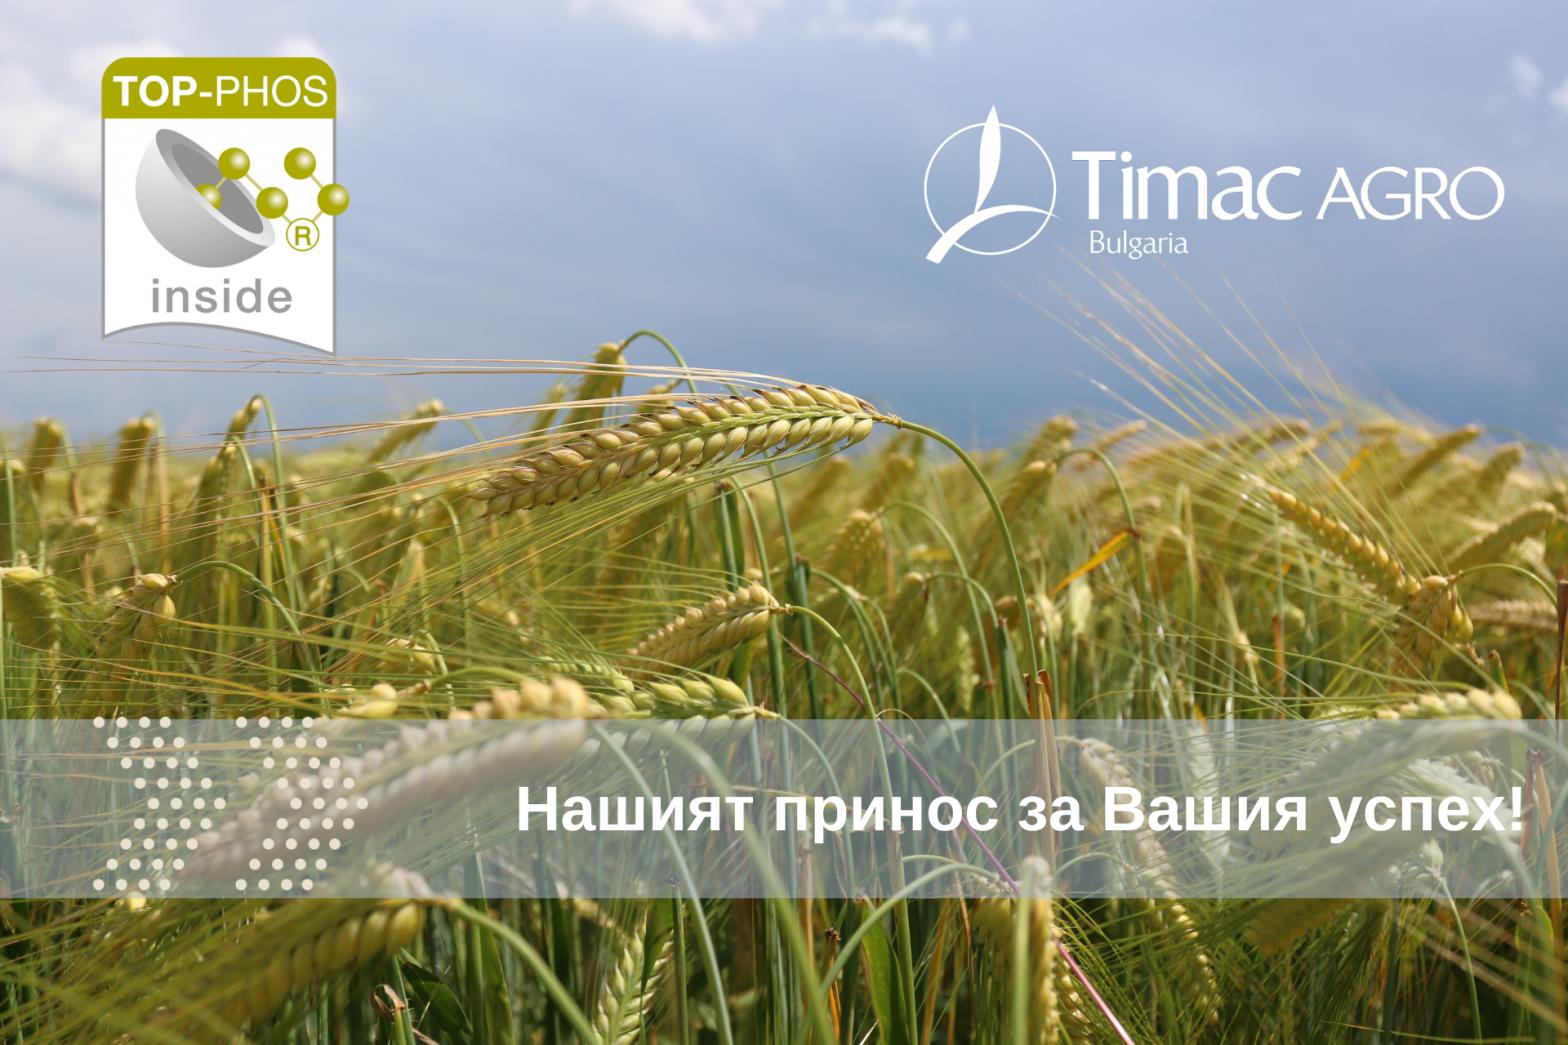 Успешна технология с TOP-PHOS, пшеница